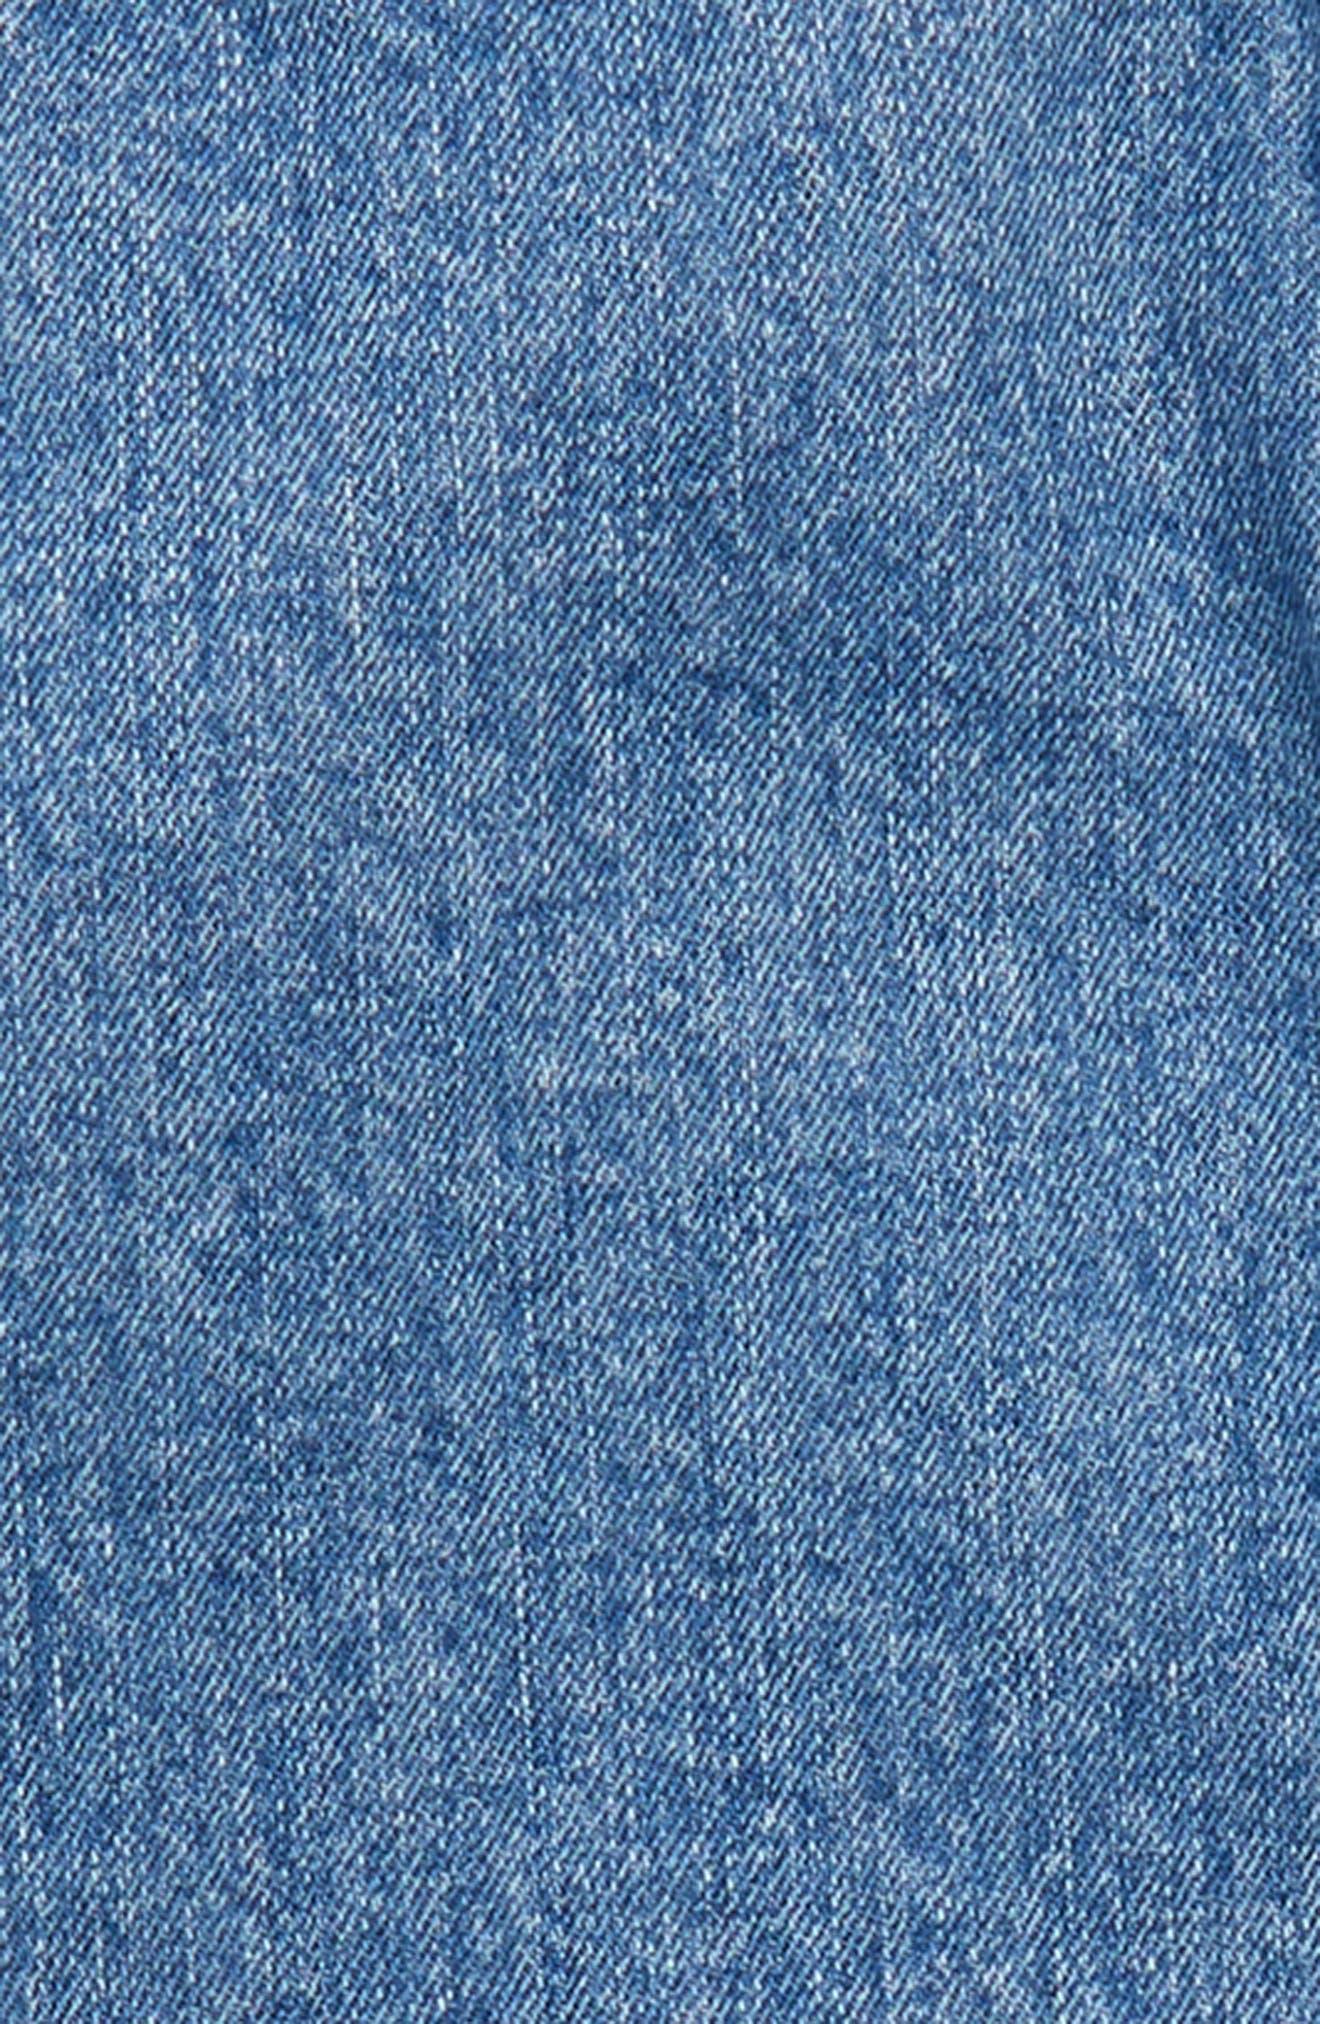 Embroidered Denim Skirt,                             Alternate thumbnail 3, color,                             487